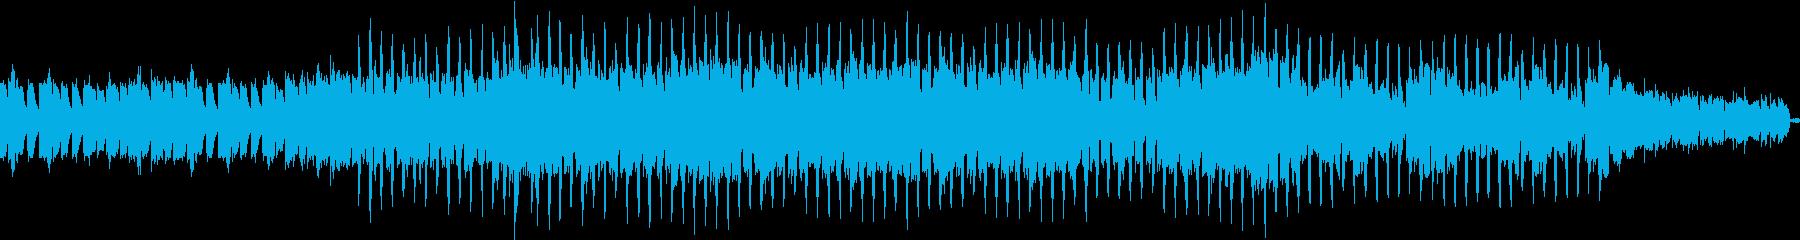 静かにそして強く奏でるEDMの再生済みの波形